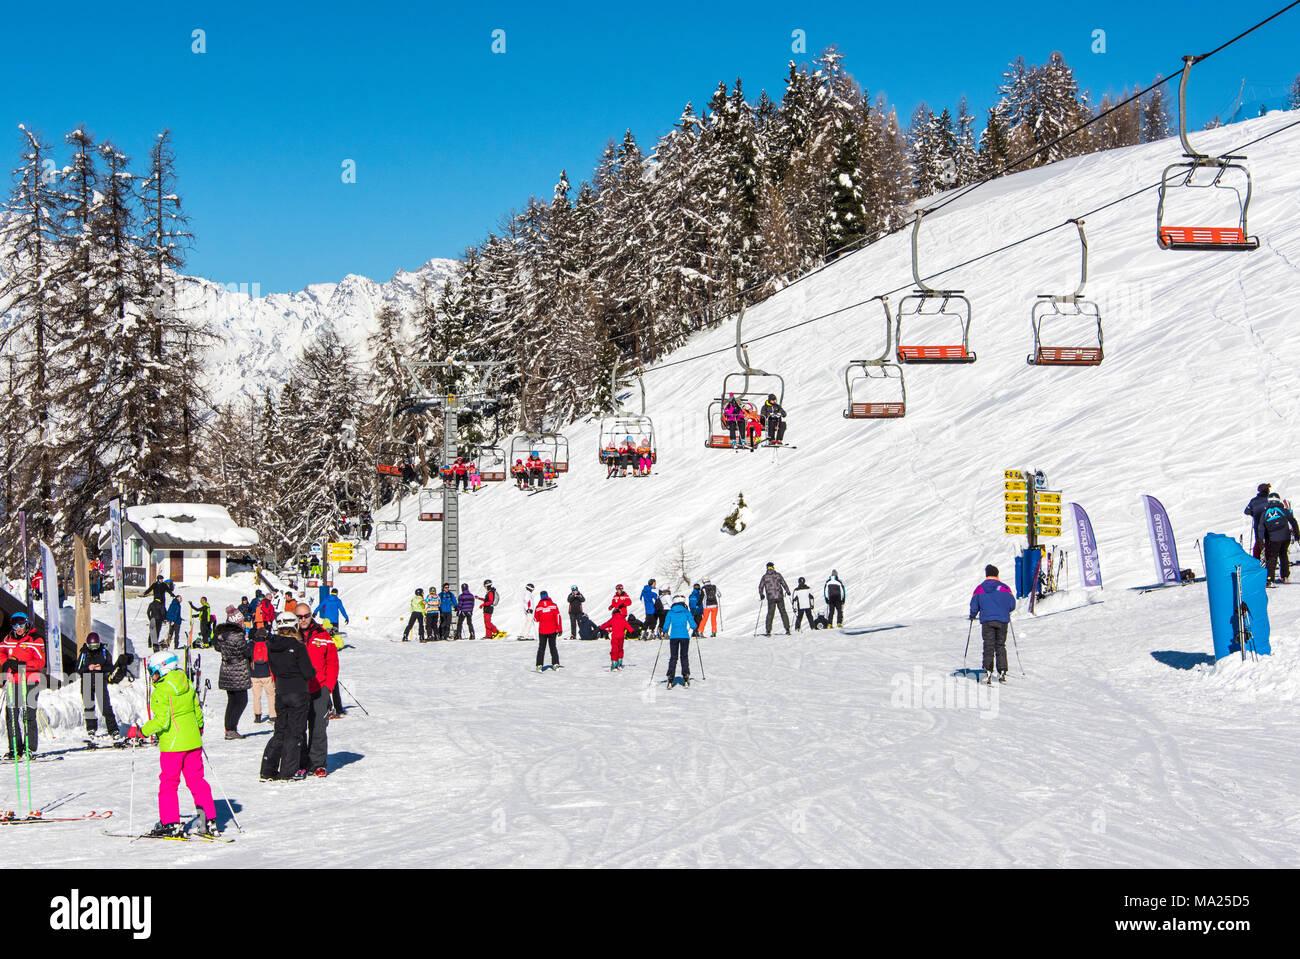 Station de ski de Pila, vallée d'aoste, Italie Photo Stock